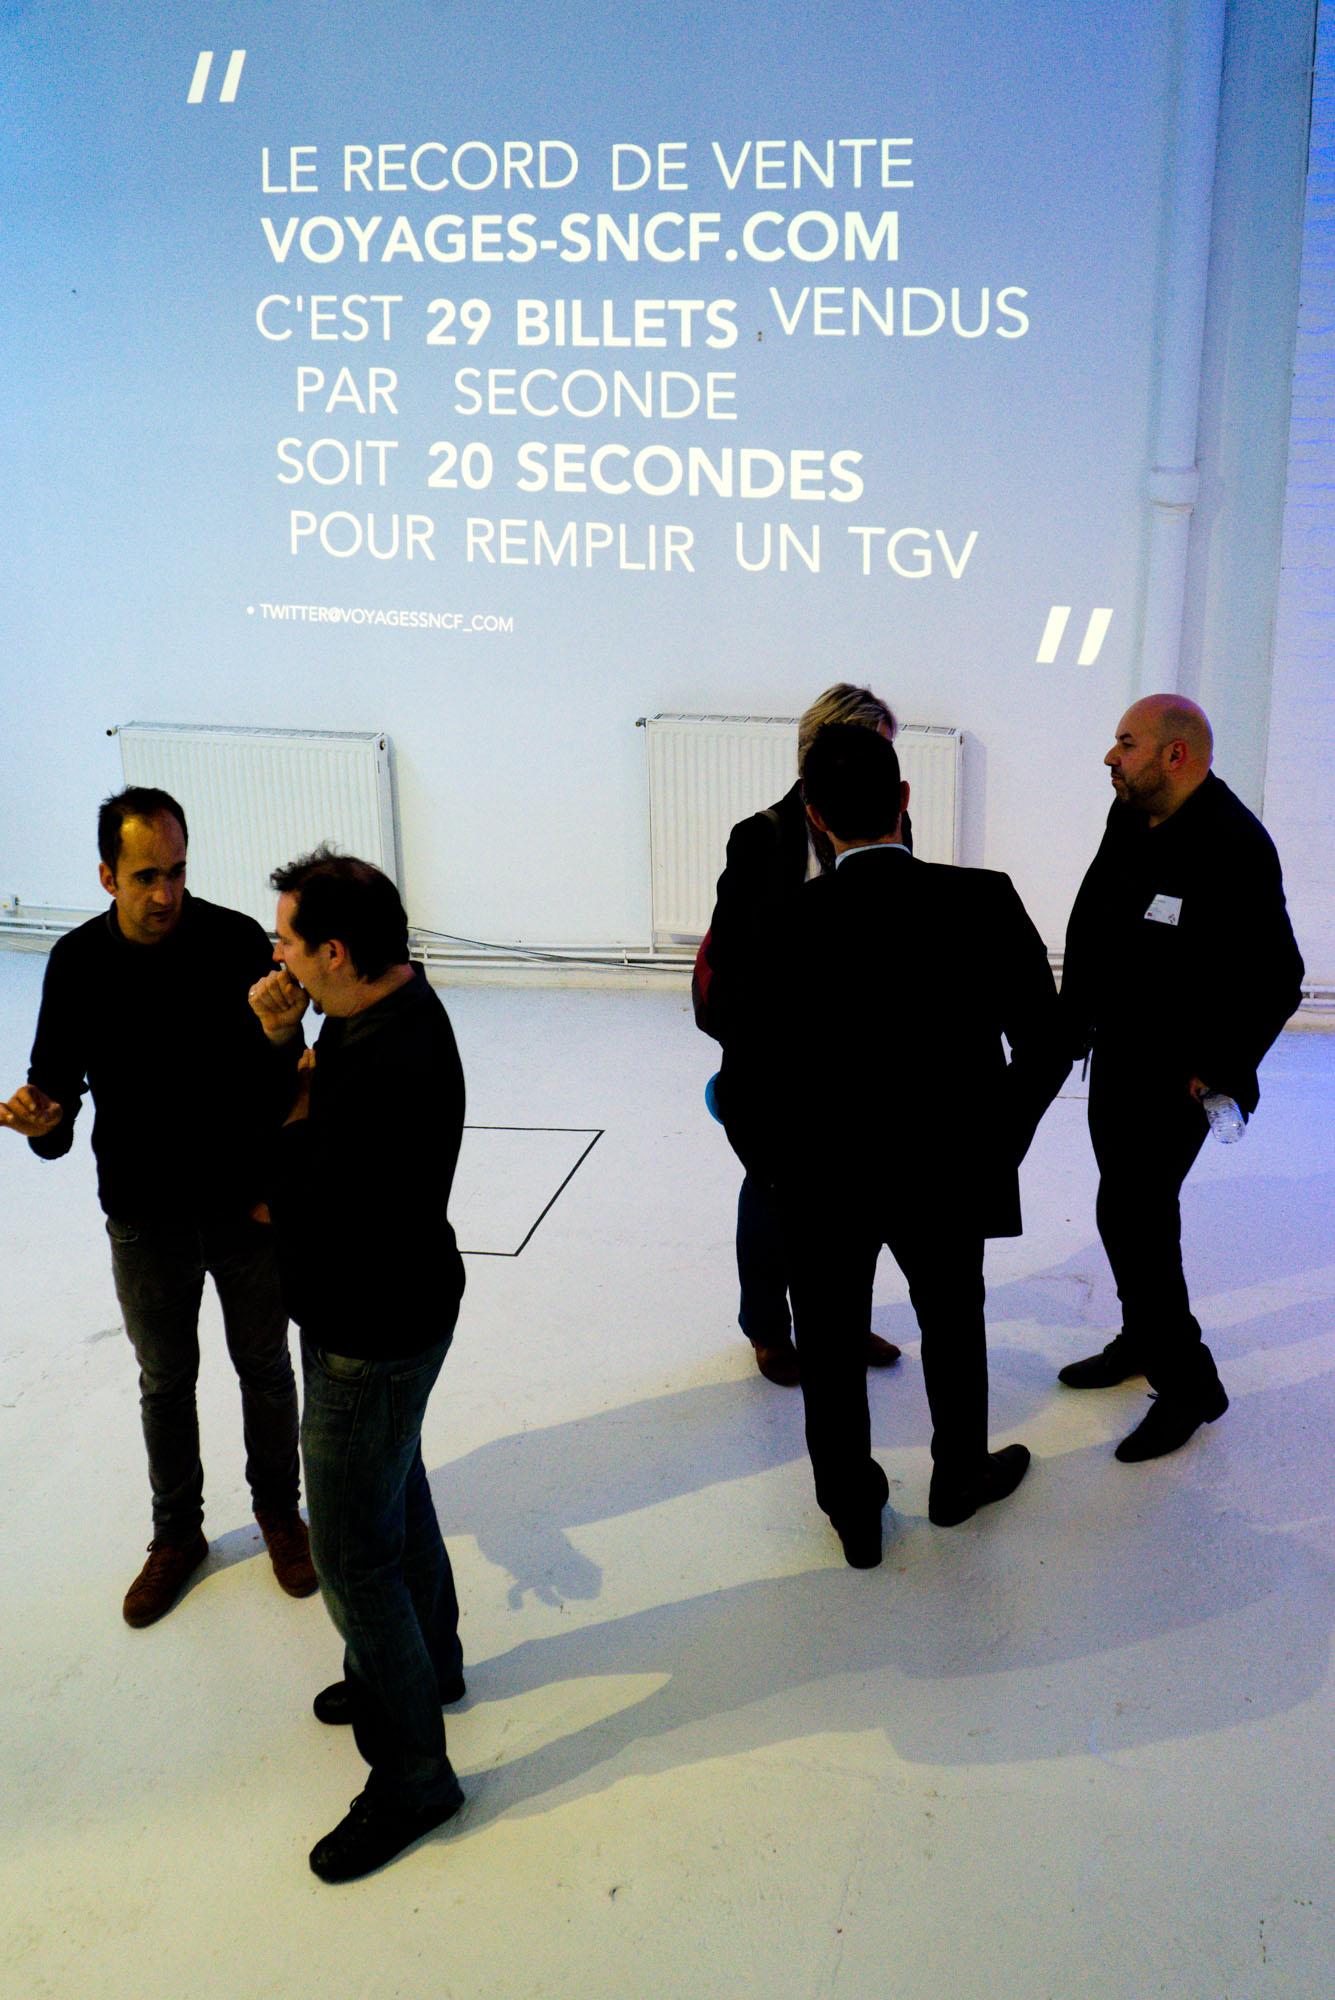 Photographie d'homme habillé en noir devant une projection de statistiques SNCF